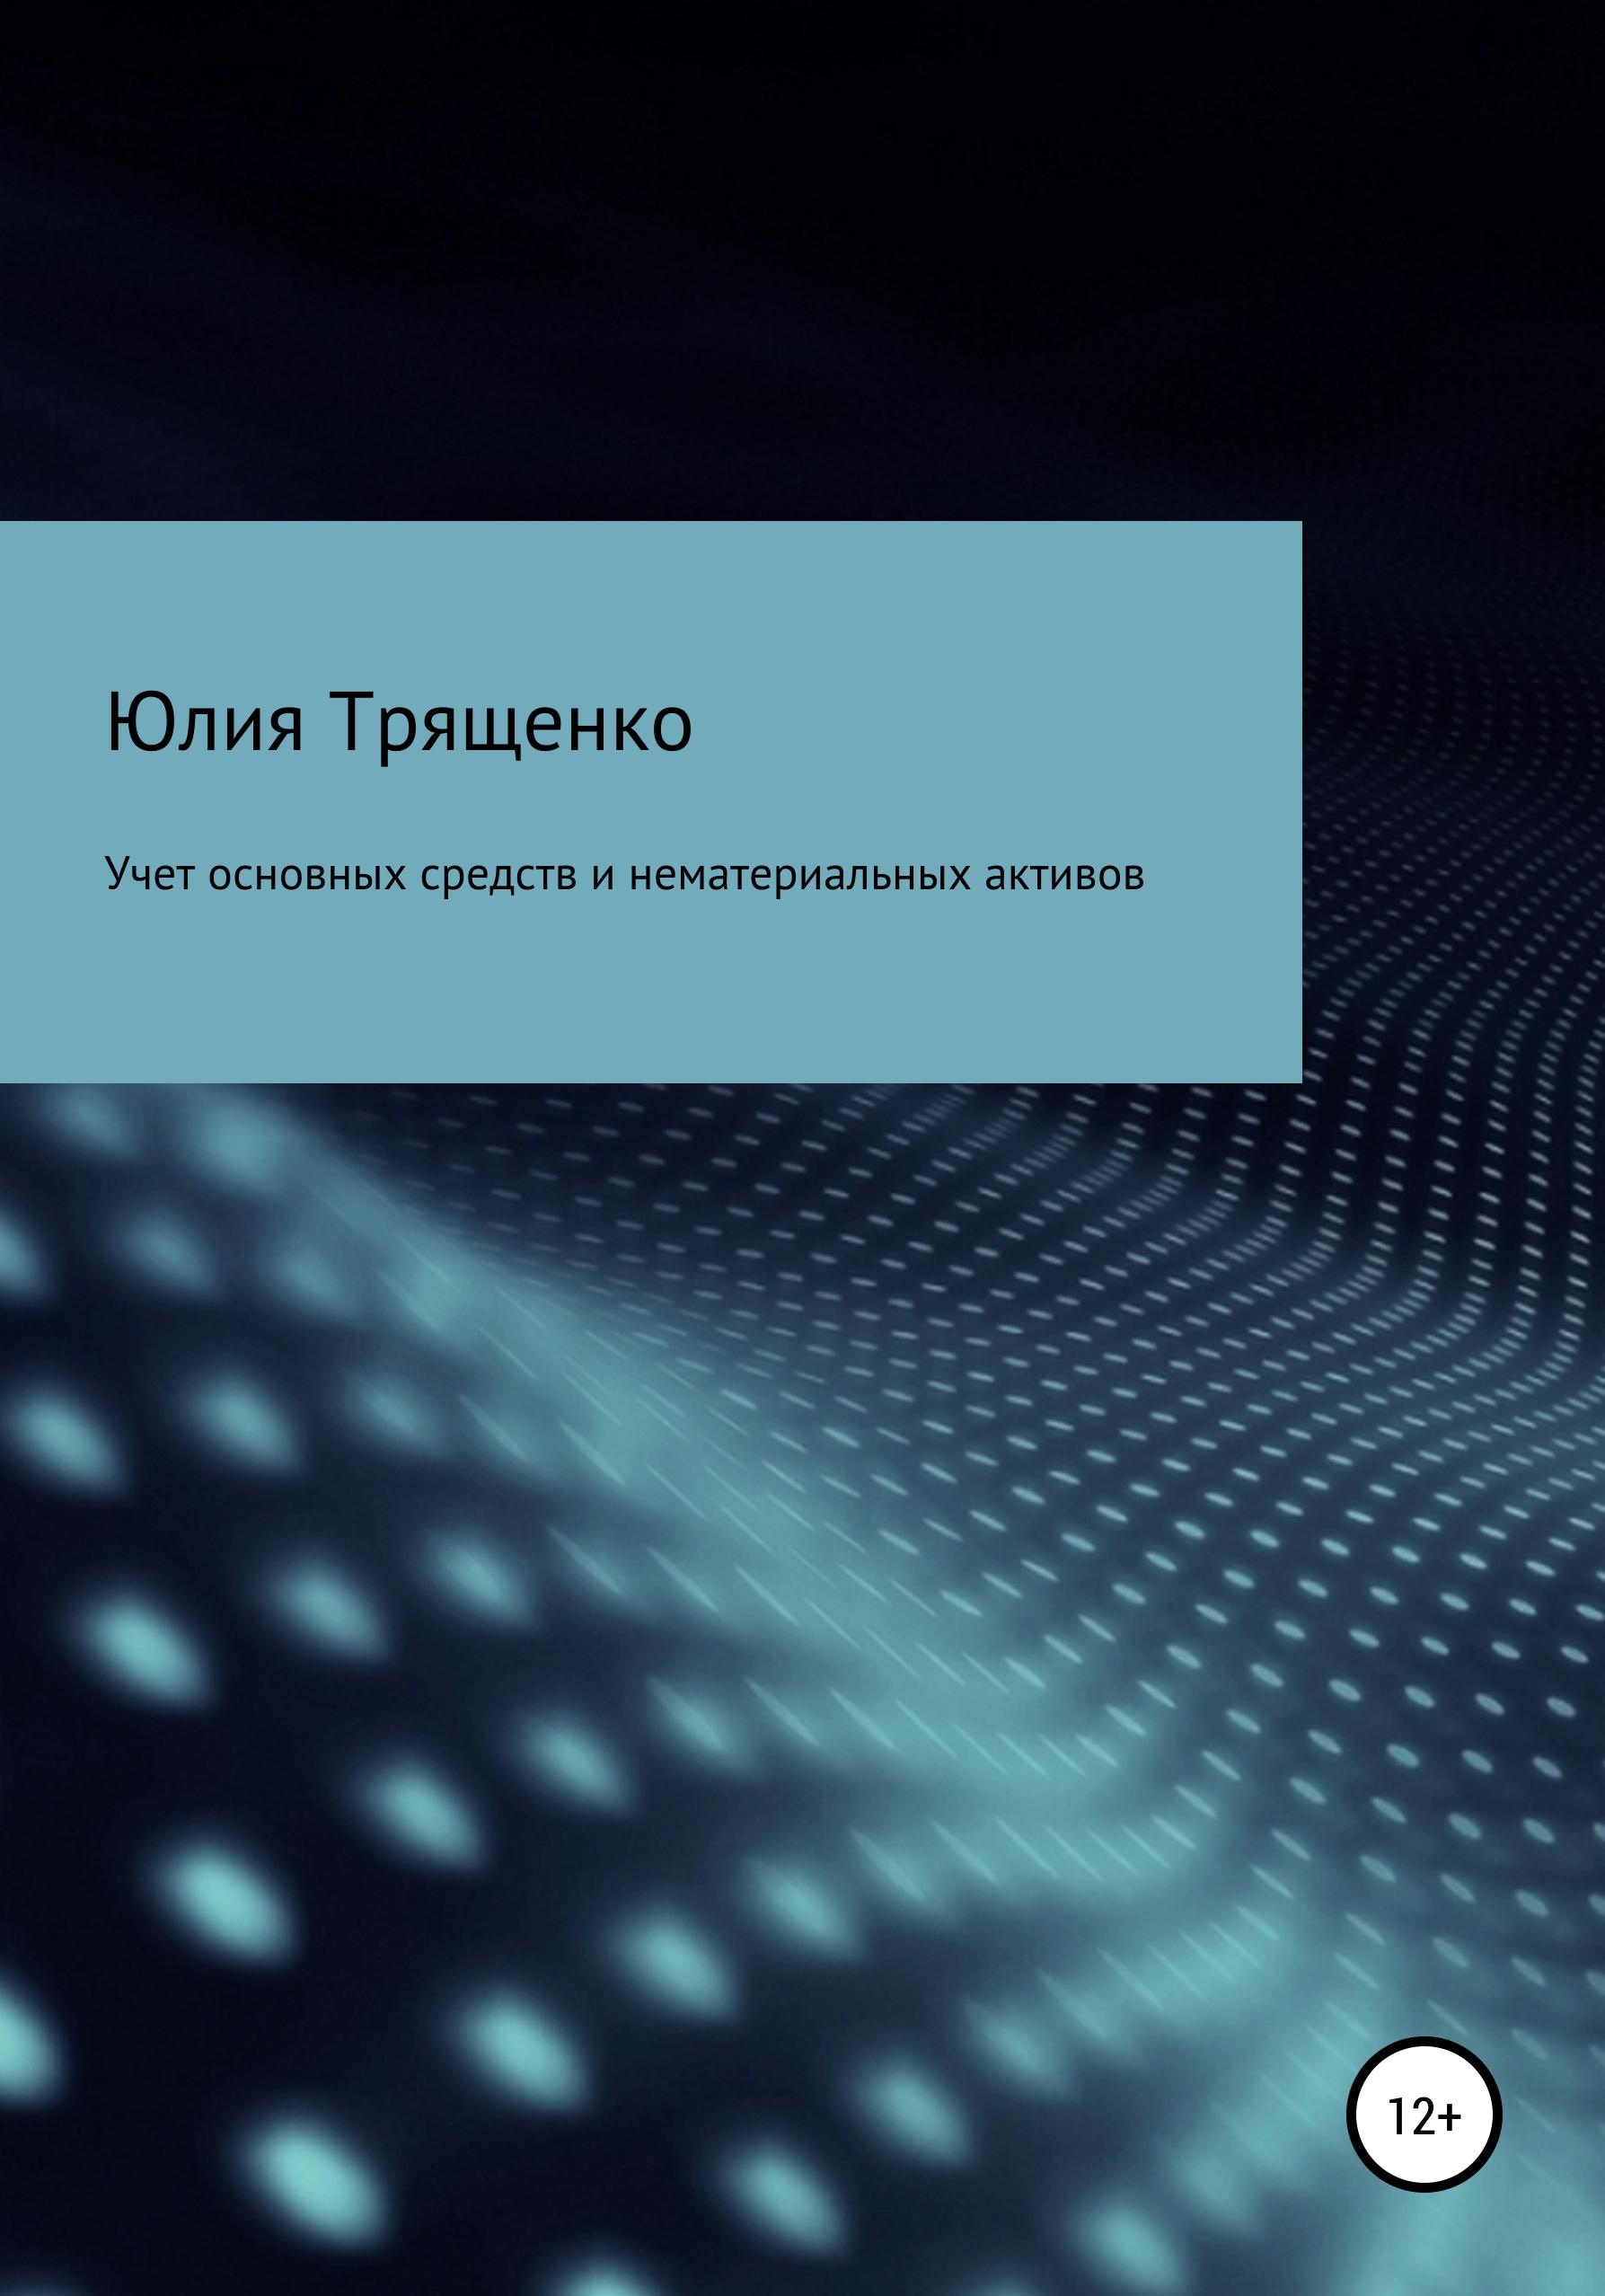 Купить книгу Учет основных средств и нематериальных активов, автора Юлии Трященко